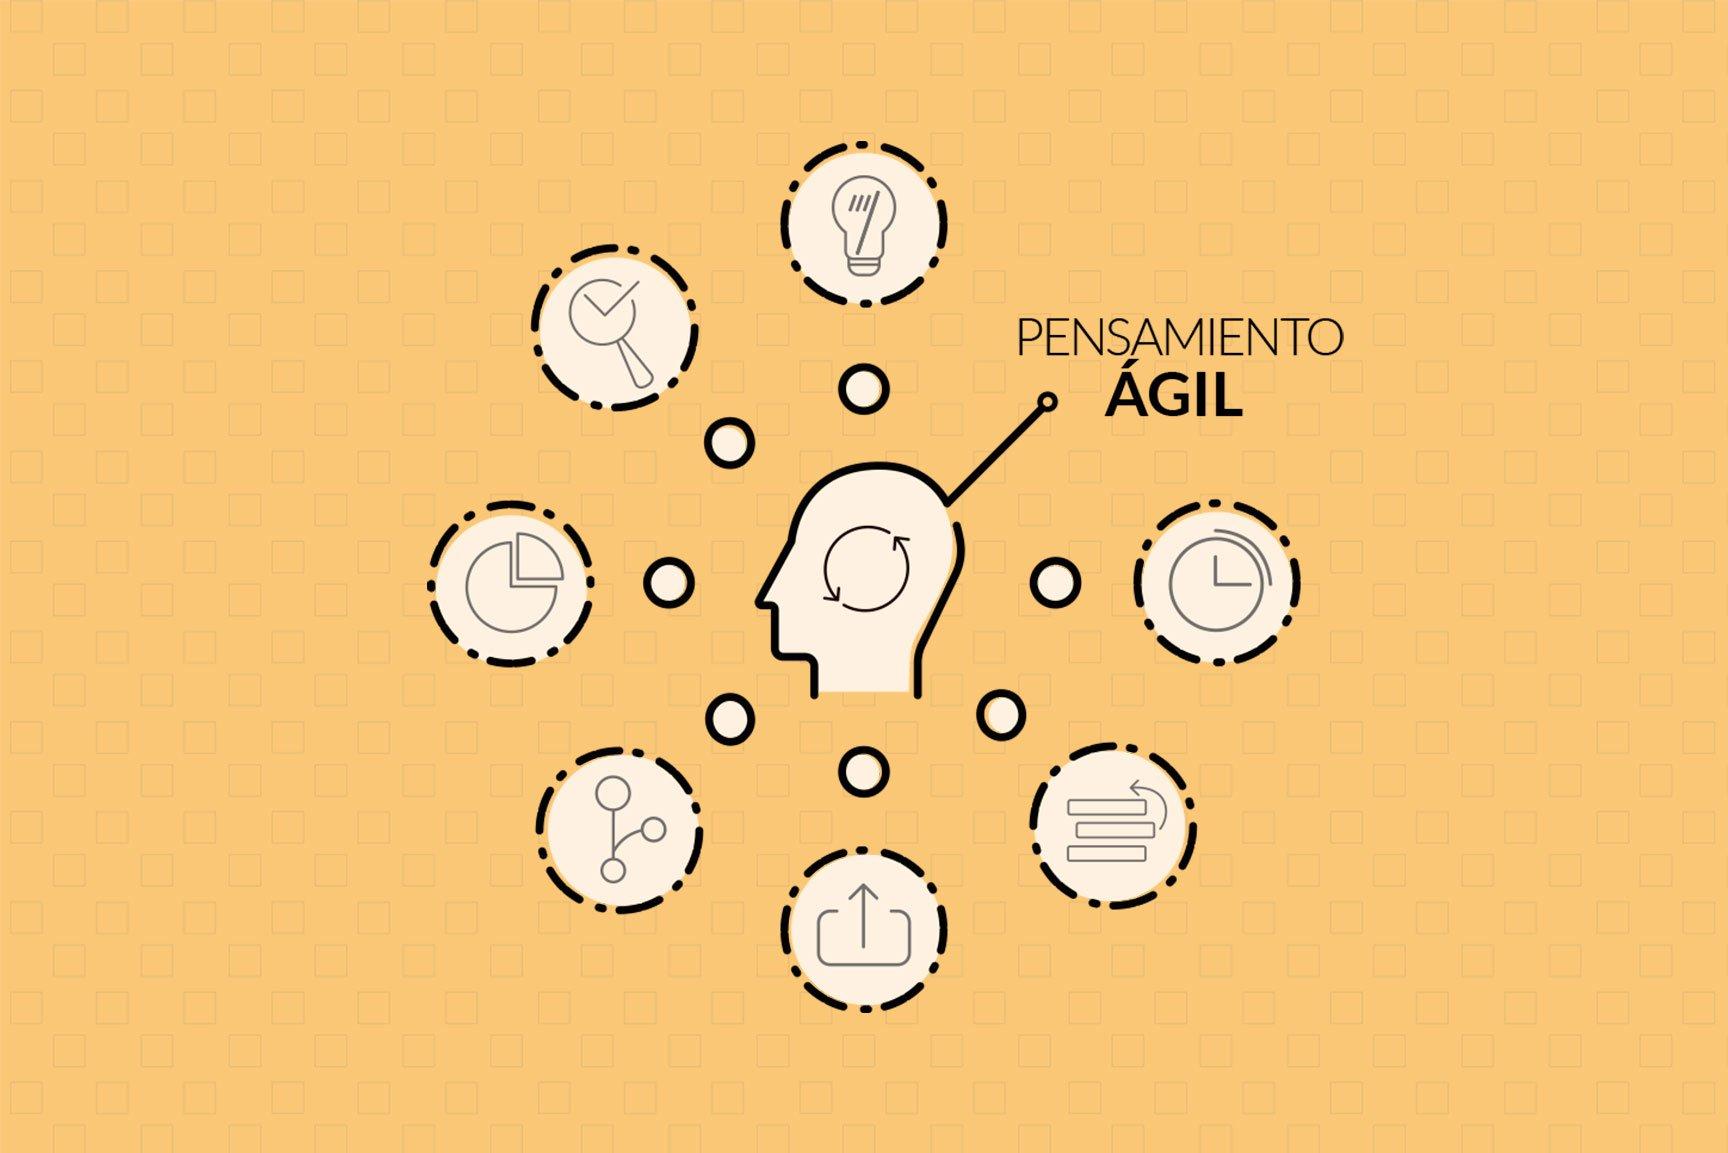 h_pensamiento_agil_acciones_agiles.jpg